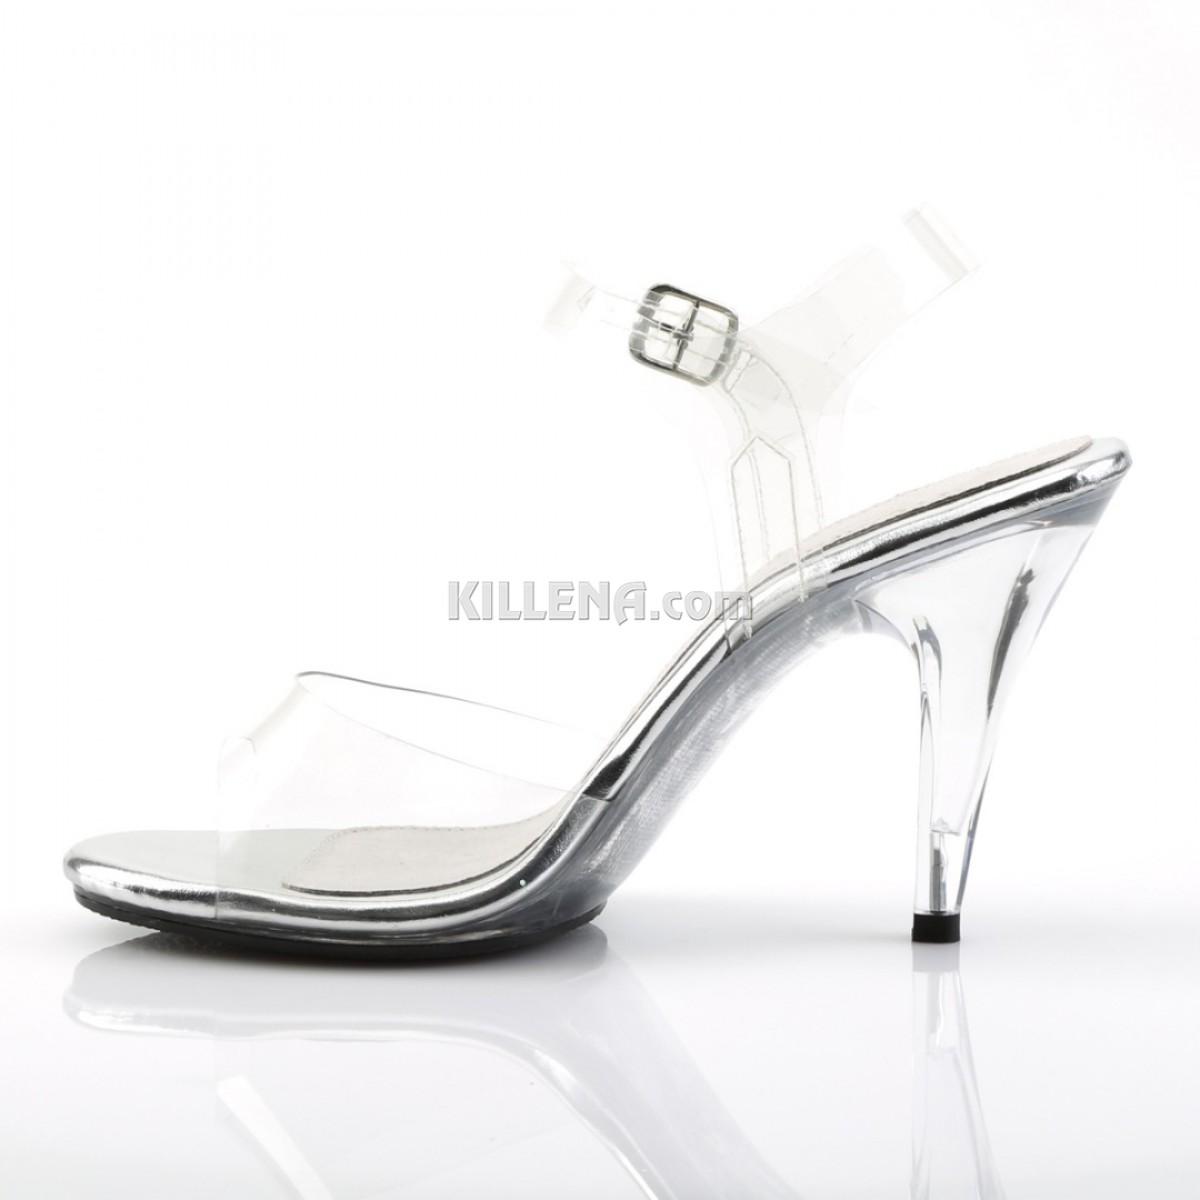 Прозрачные босоножки на низком каблуке с силиконовым верхом